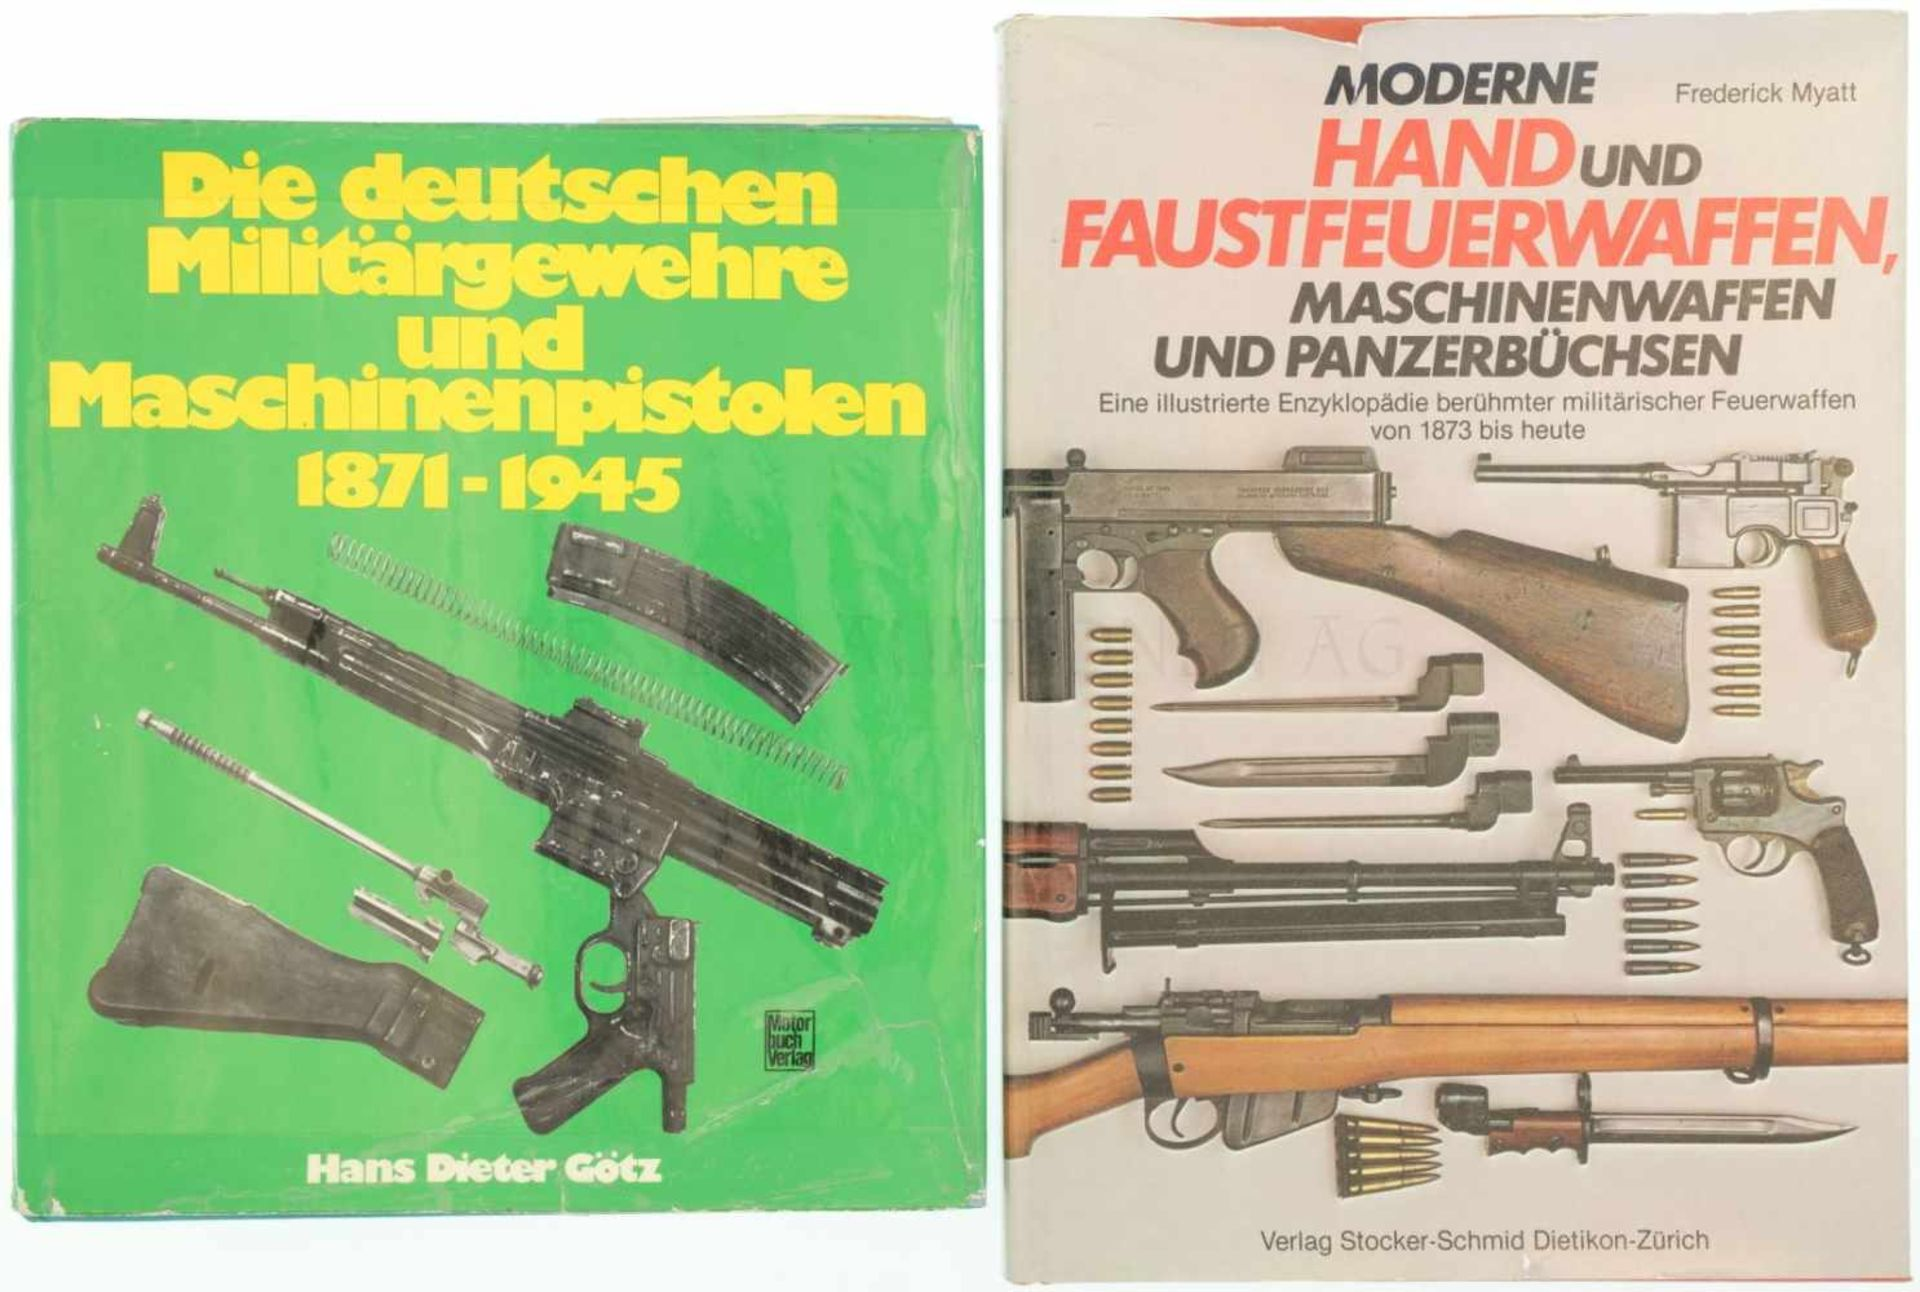 Konvolut 2 Bücher 1. Die deutschen Militärgewehre und Maschinenpistolen, 1871-1945, Autor Hans